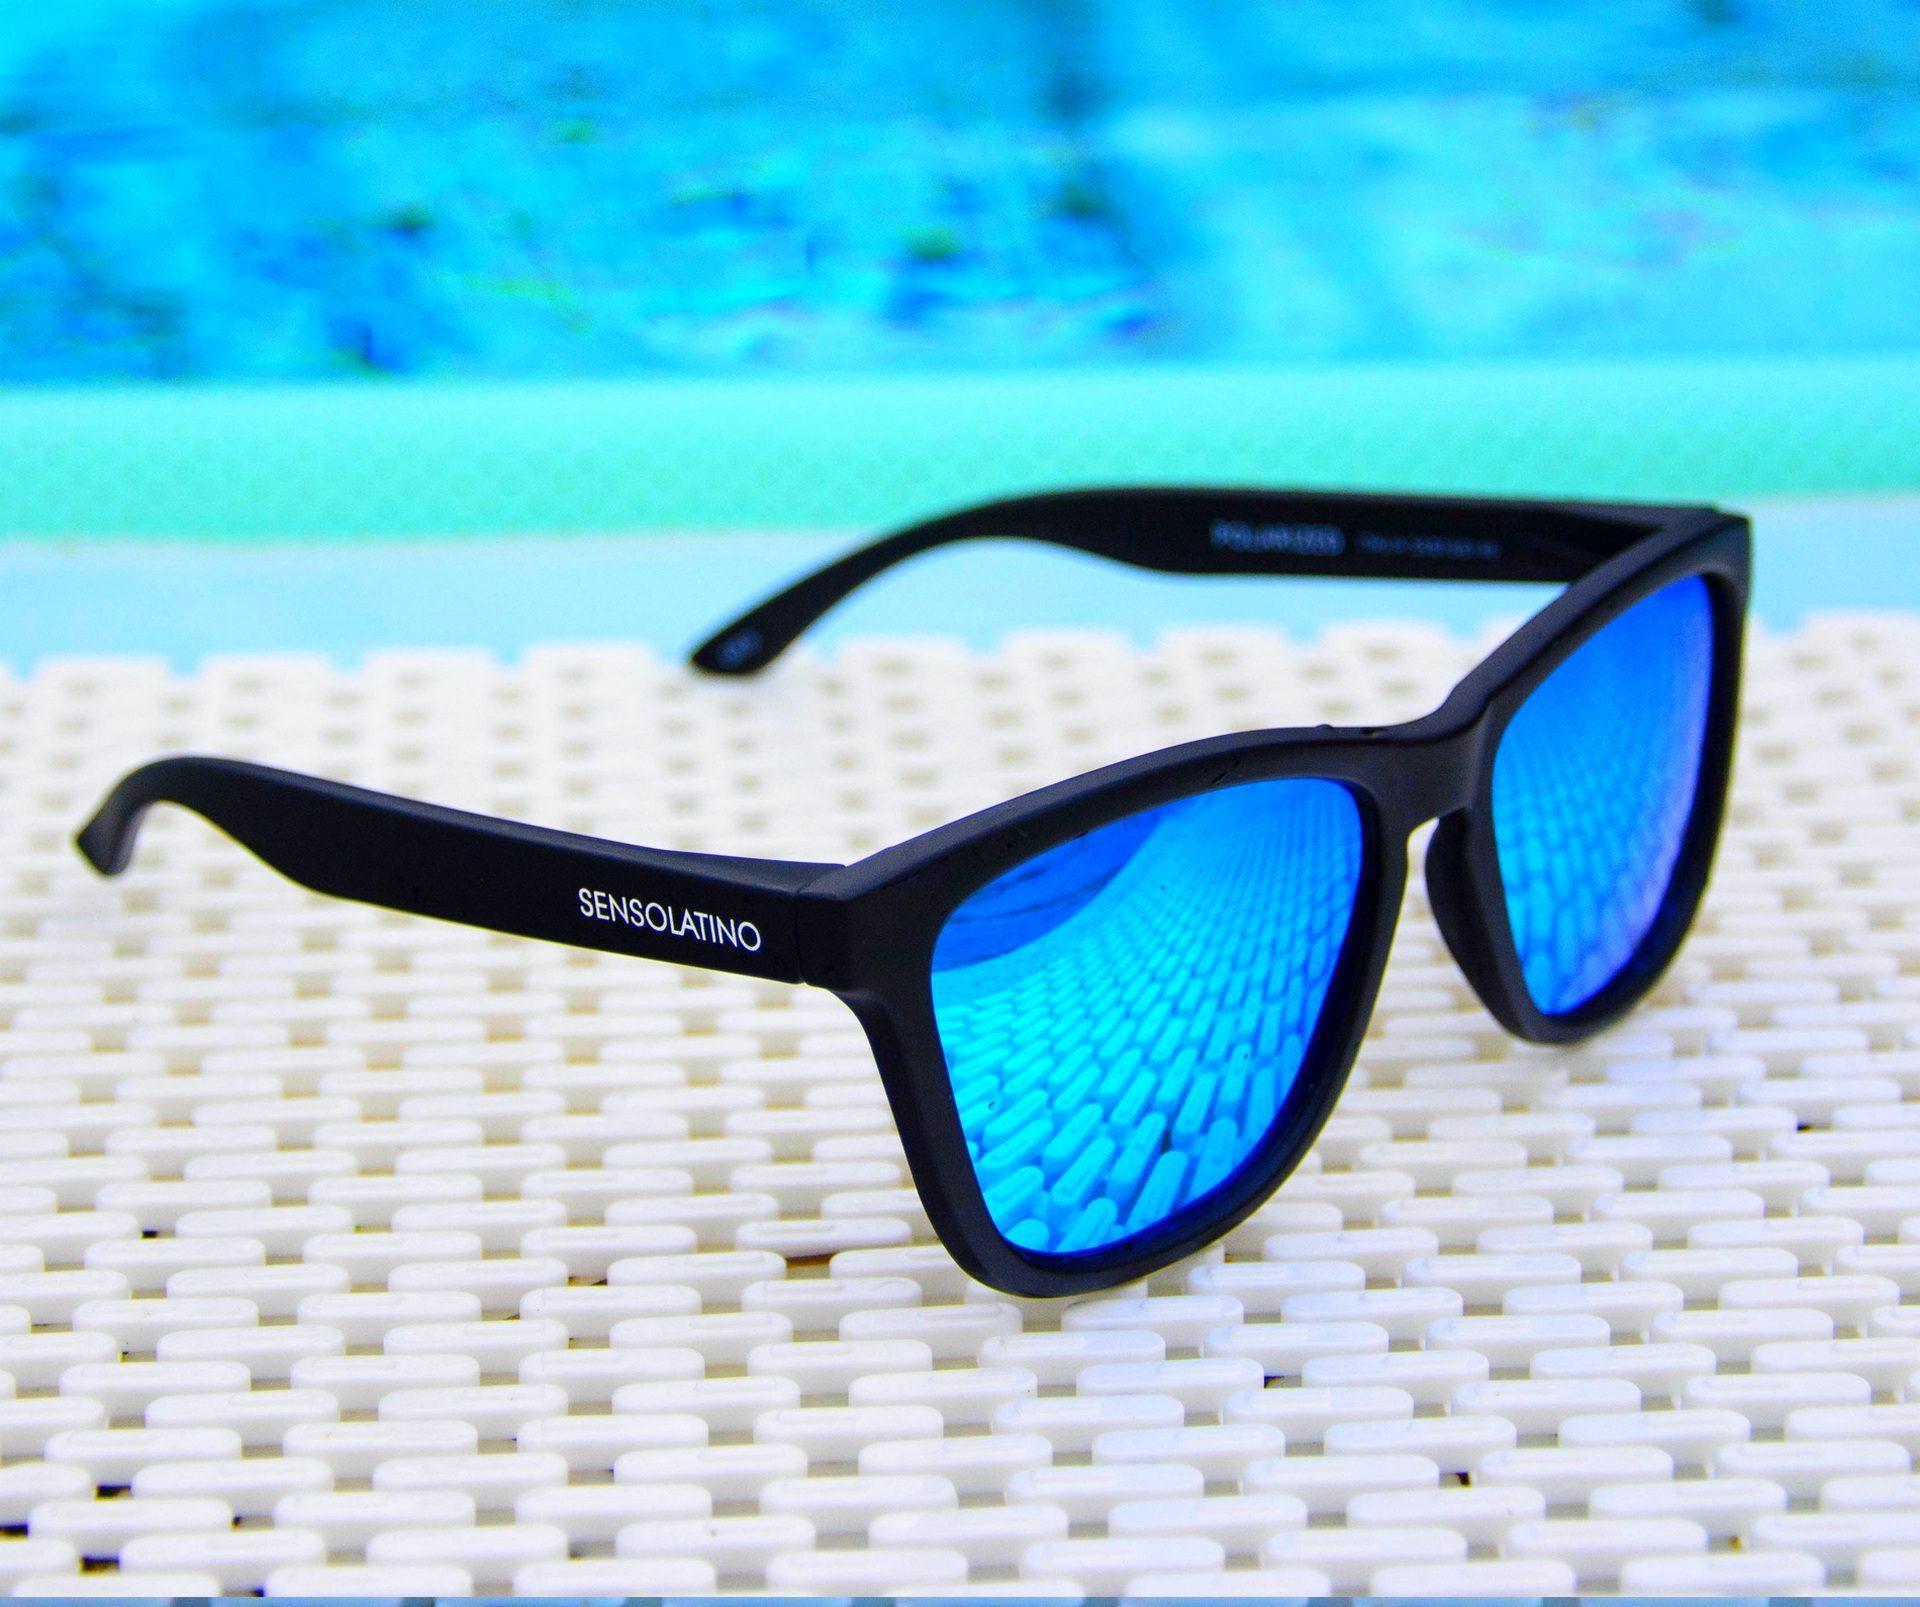 Sonnenbrille, Pool, Wasser, Sommer, Freizeit, Spaß - Wallpaper HD - Prof.-falken.com